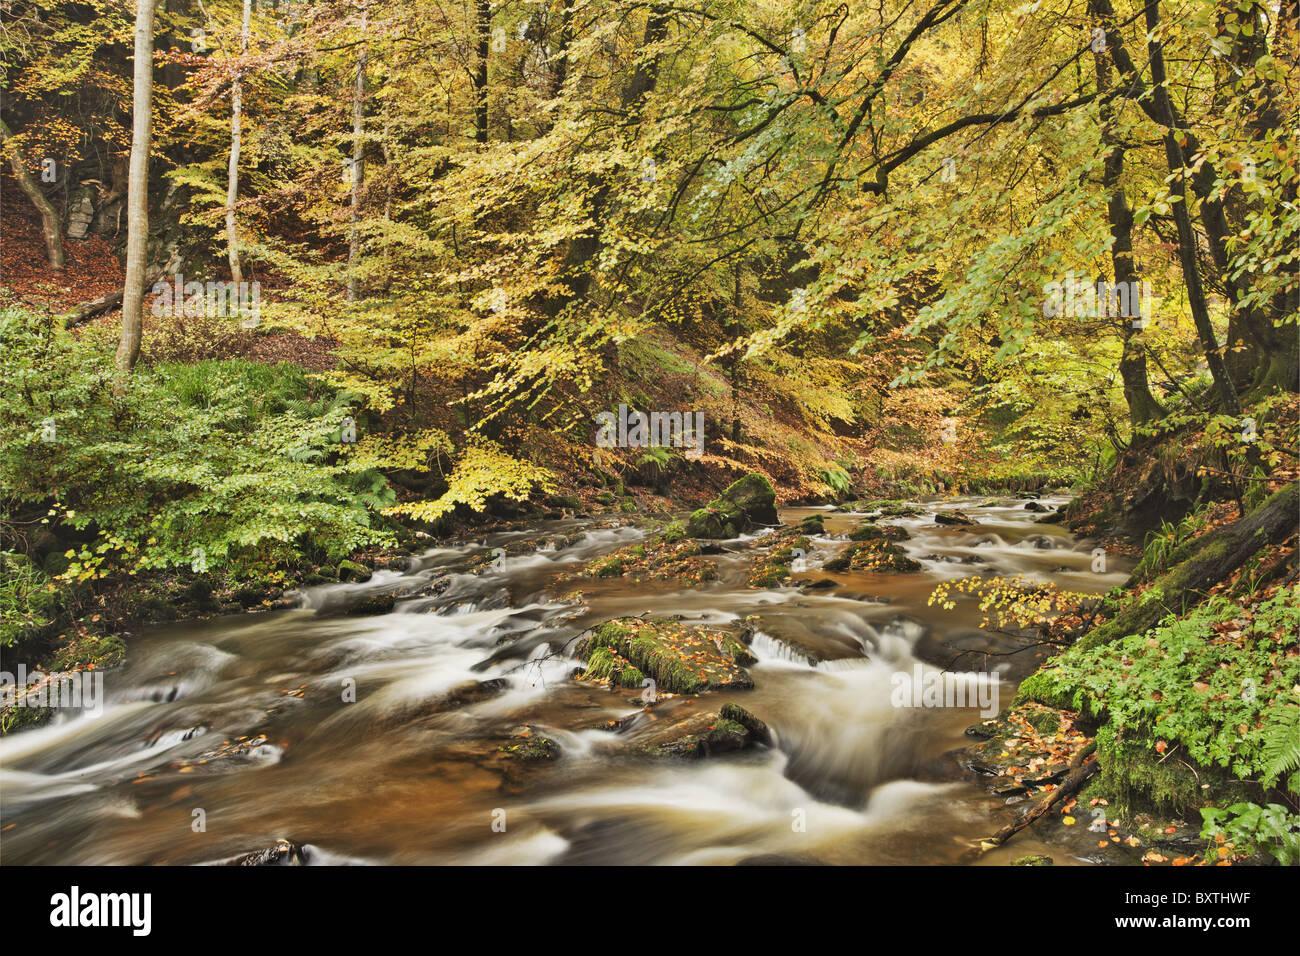 Foglie di autunno coprire gli alberi lungo un ruscello in Scozia. Immagini Stock